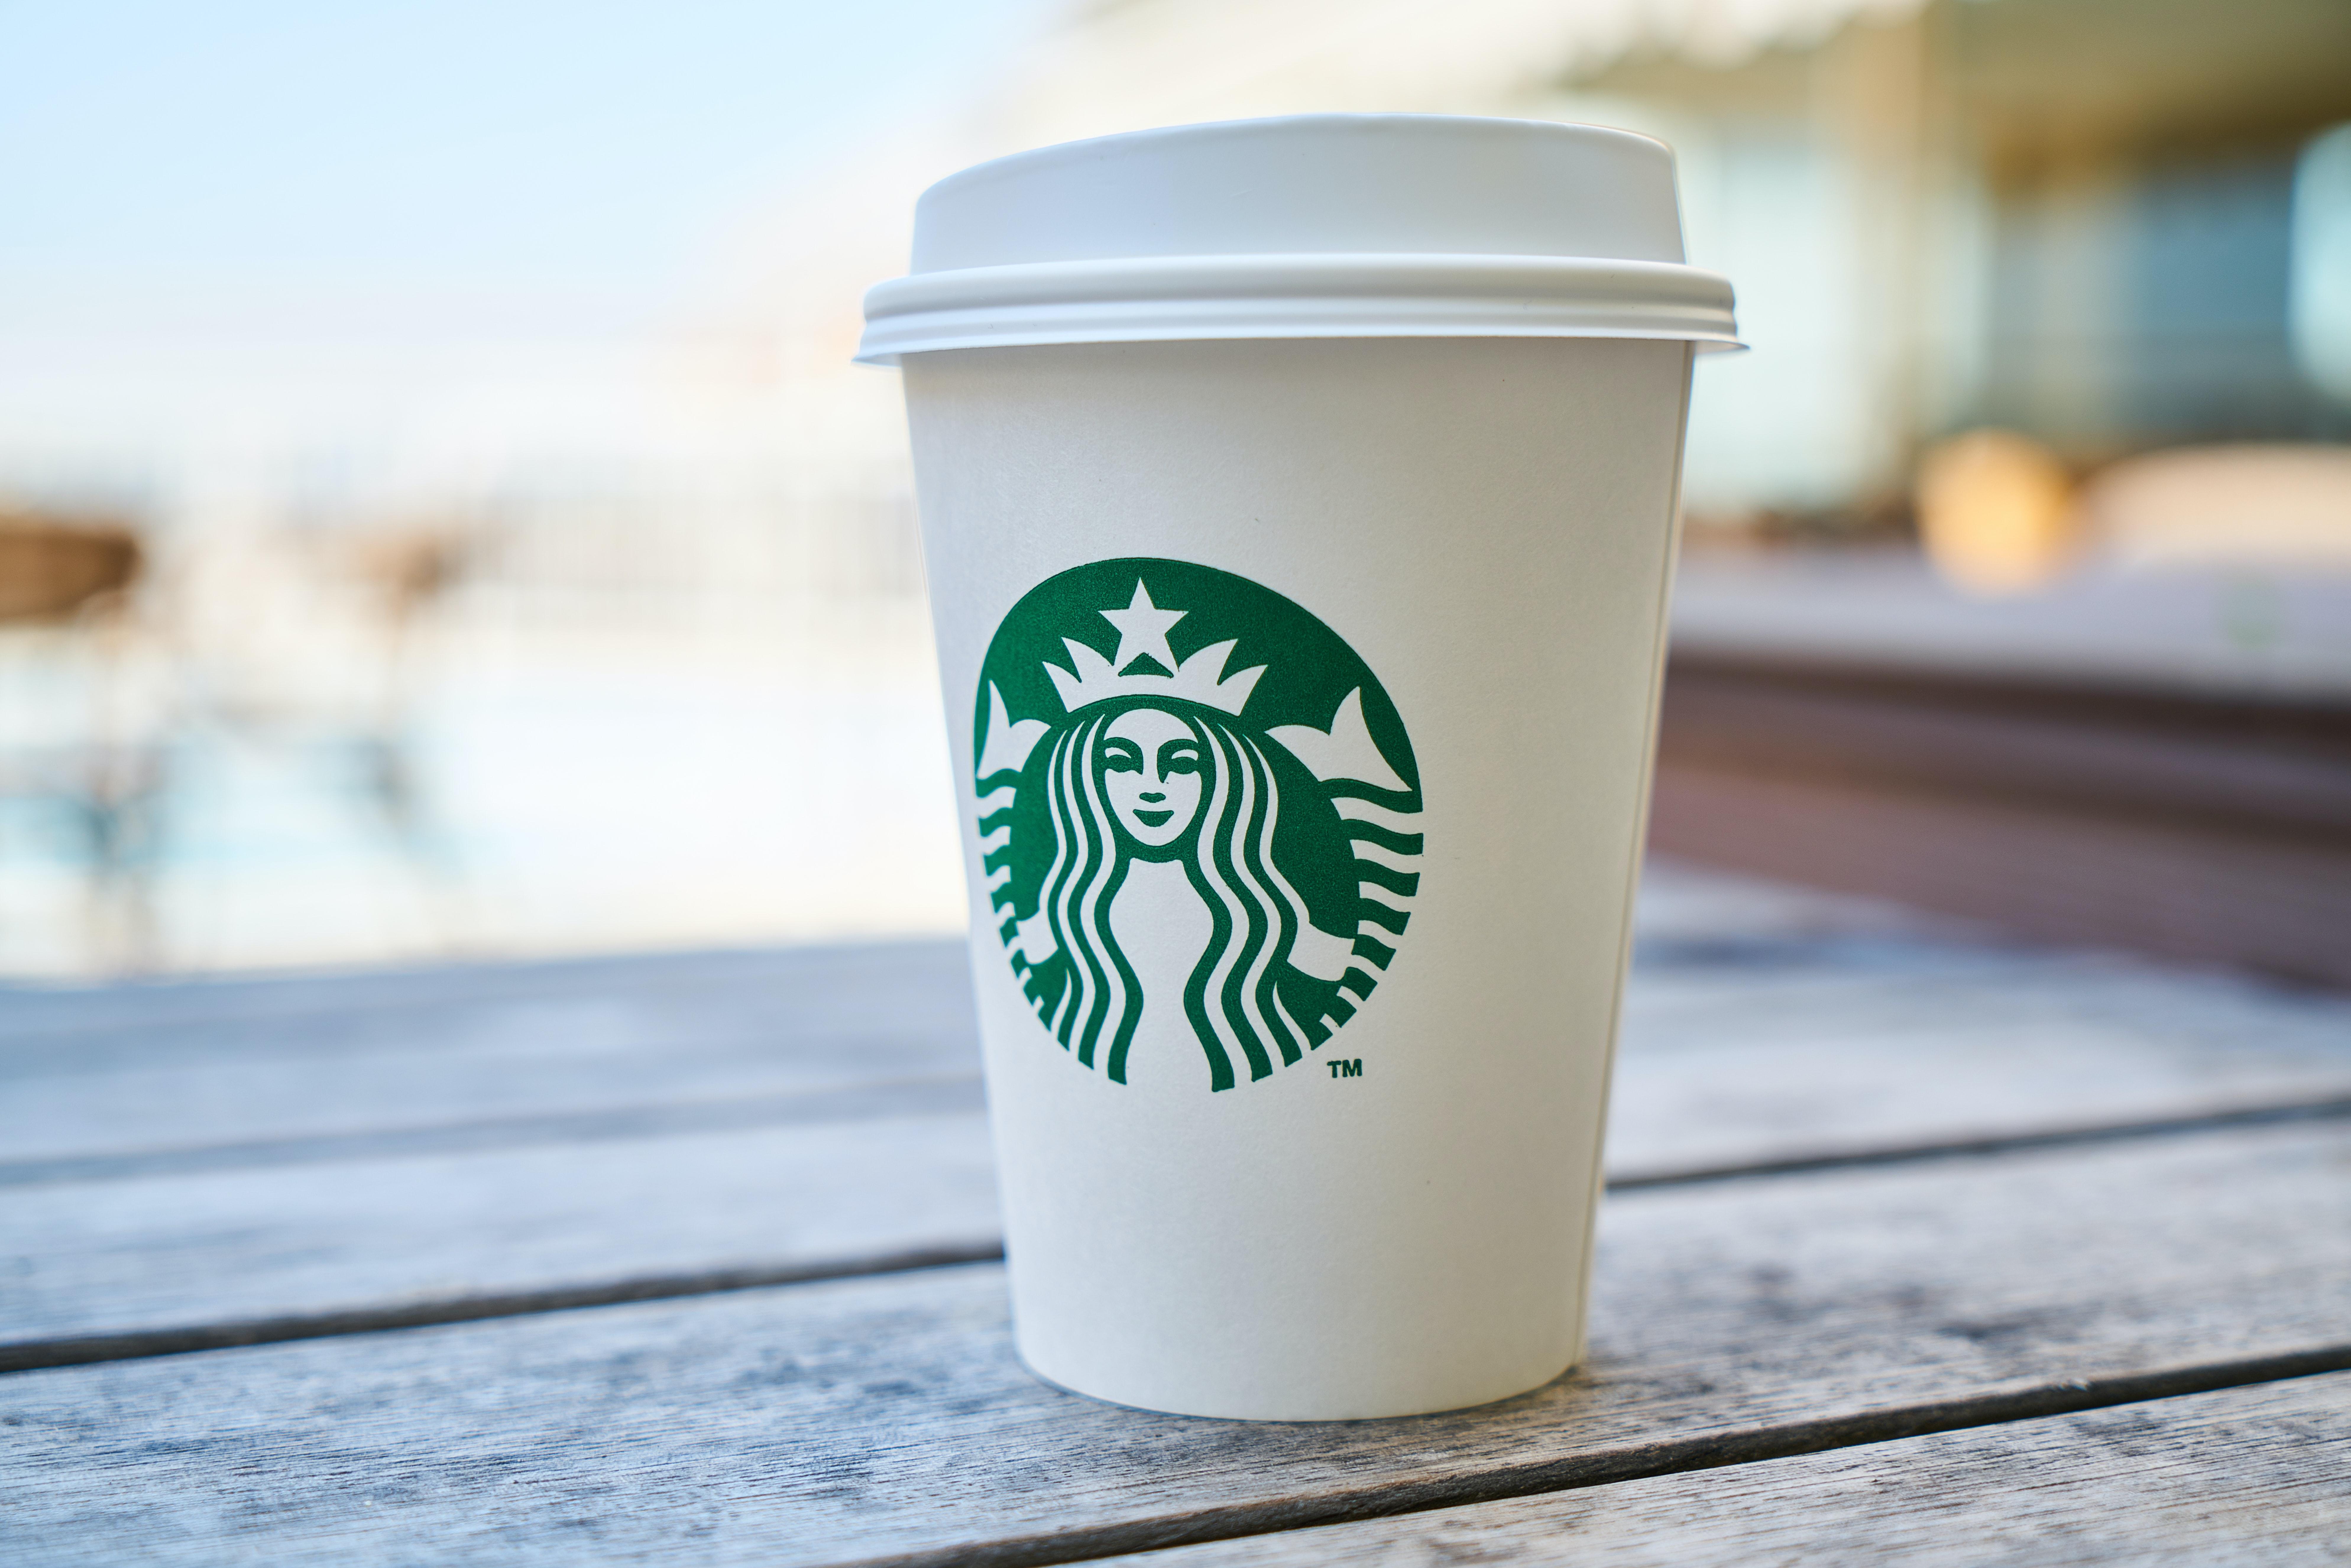 Starbucks strong brand